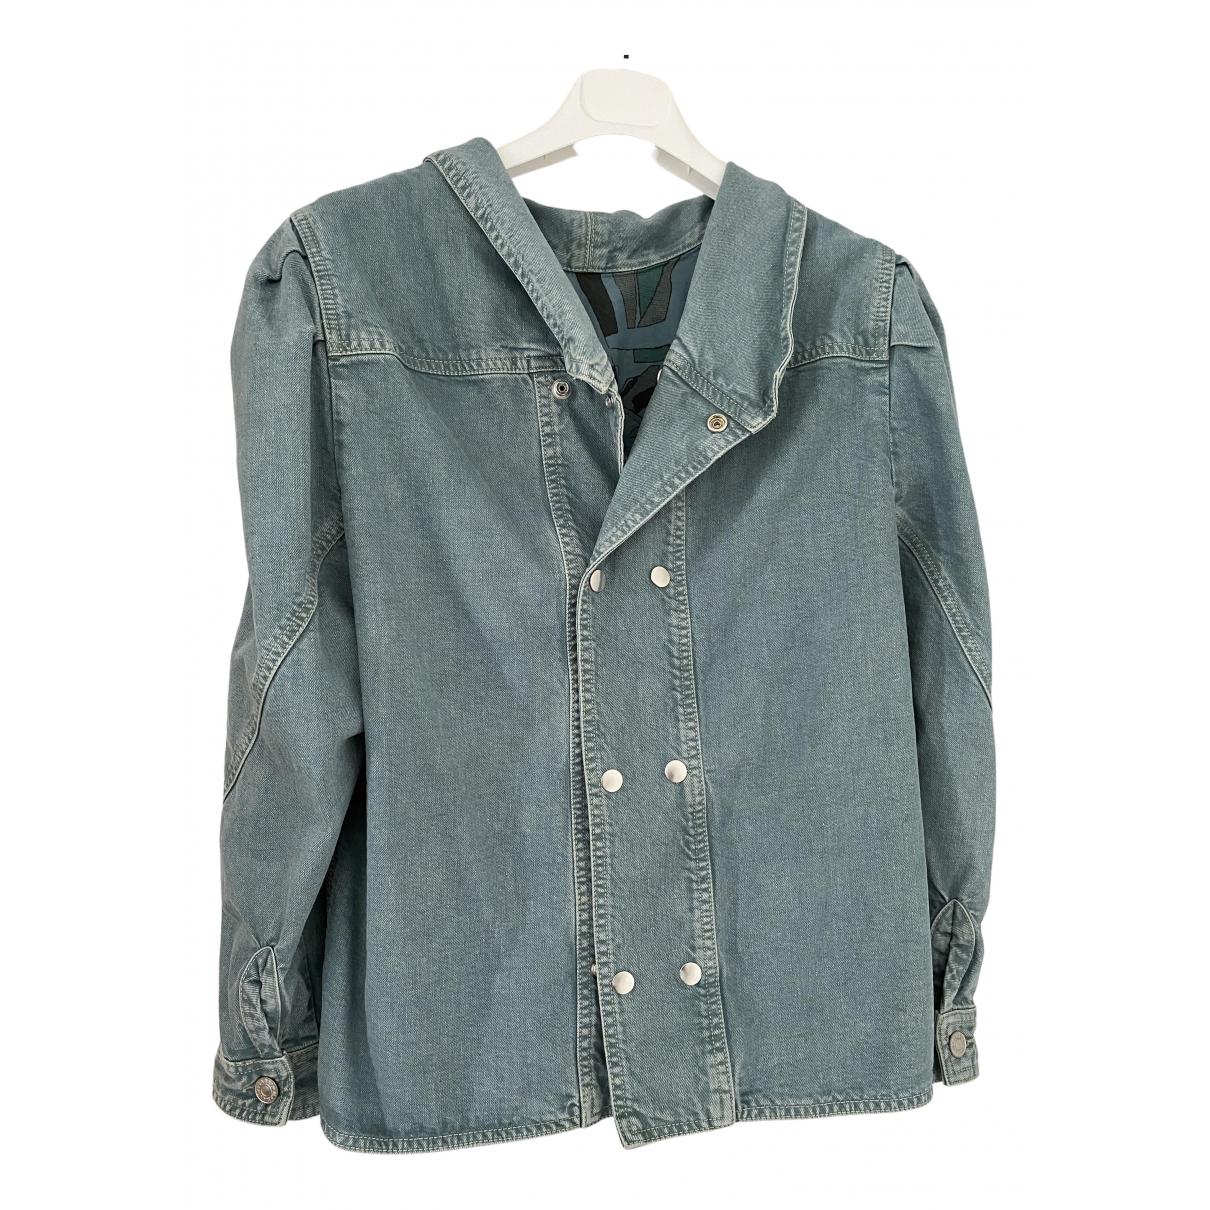 Isabel Marant \N Jacke in  Gruen Denim - Jeans